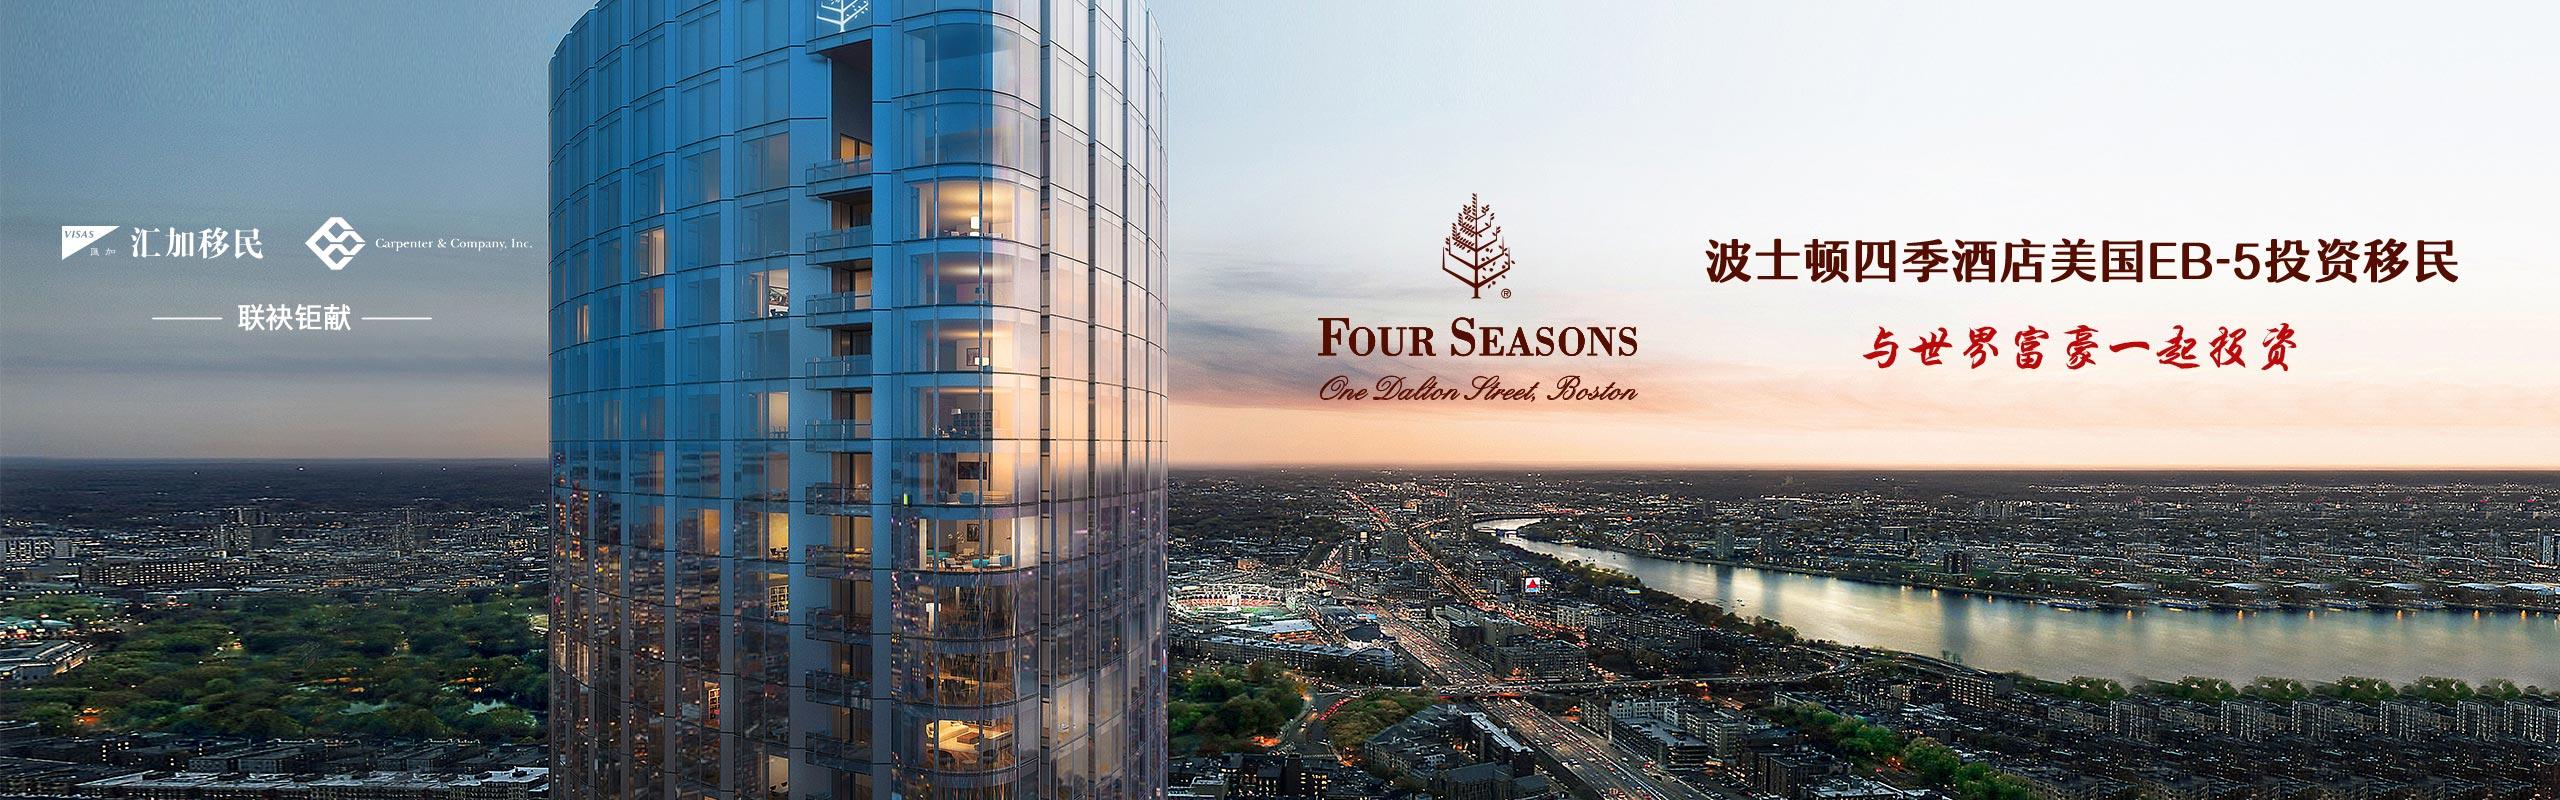 波士顿四季酒店·全球盛大首发<br/>百年名门巅峰钜献,美国投资移民巅峰之作!